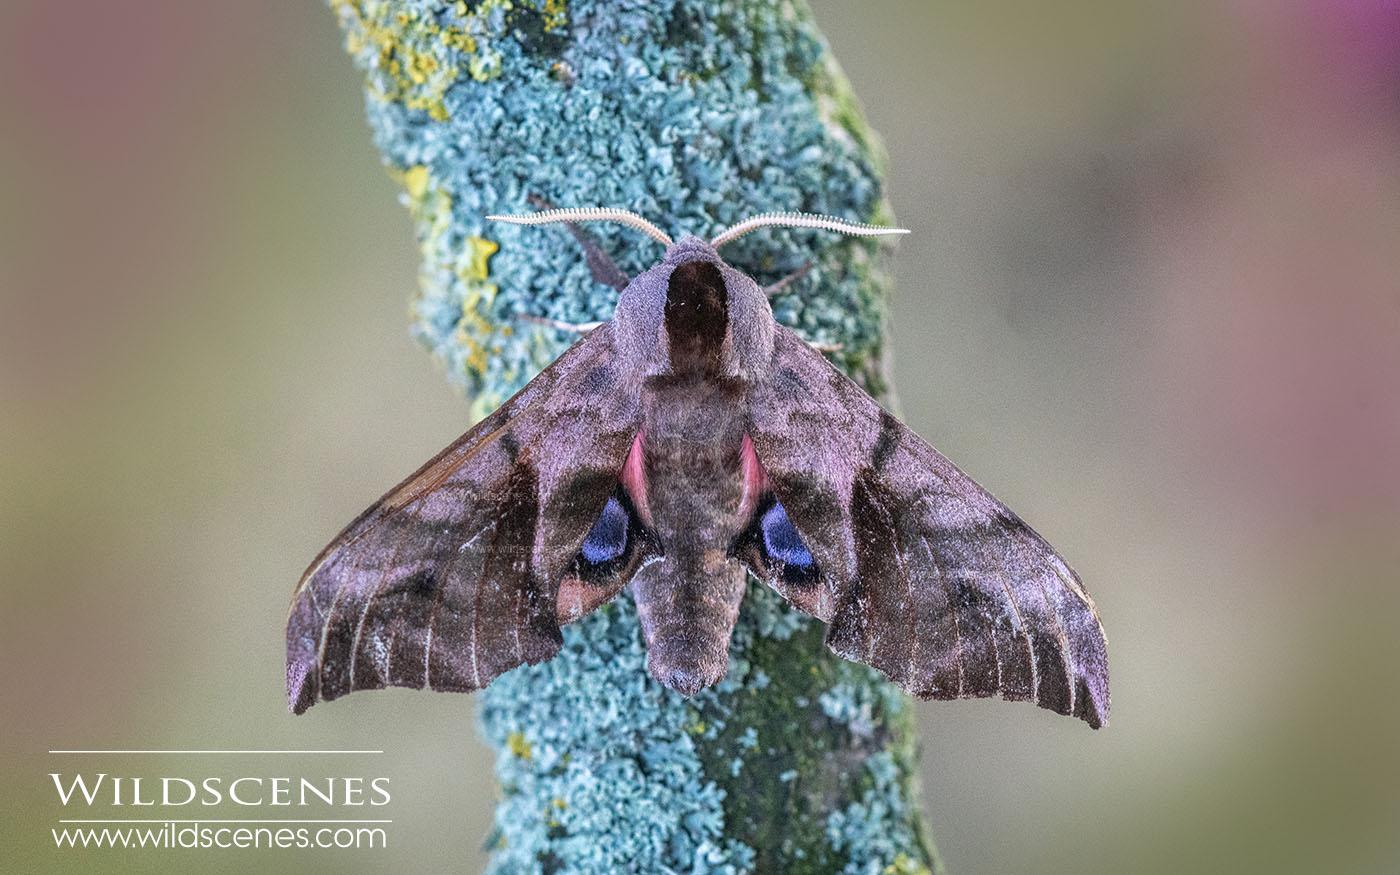 eyed hawk moth (Smerinthus ocellata)